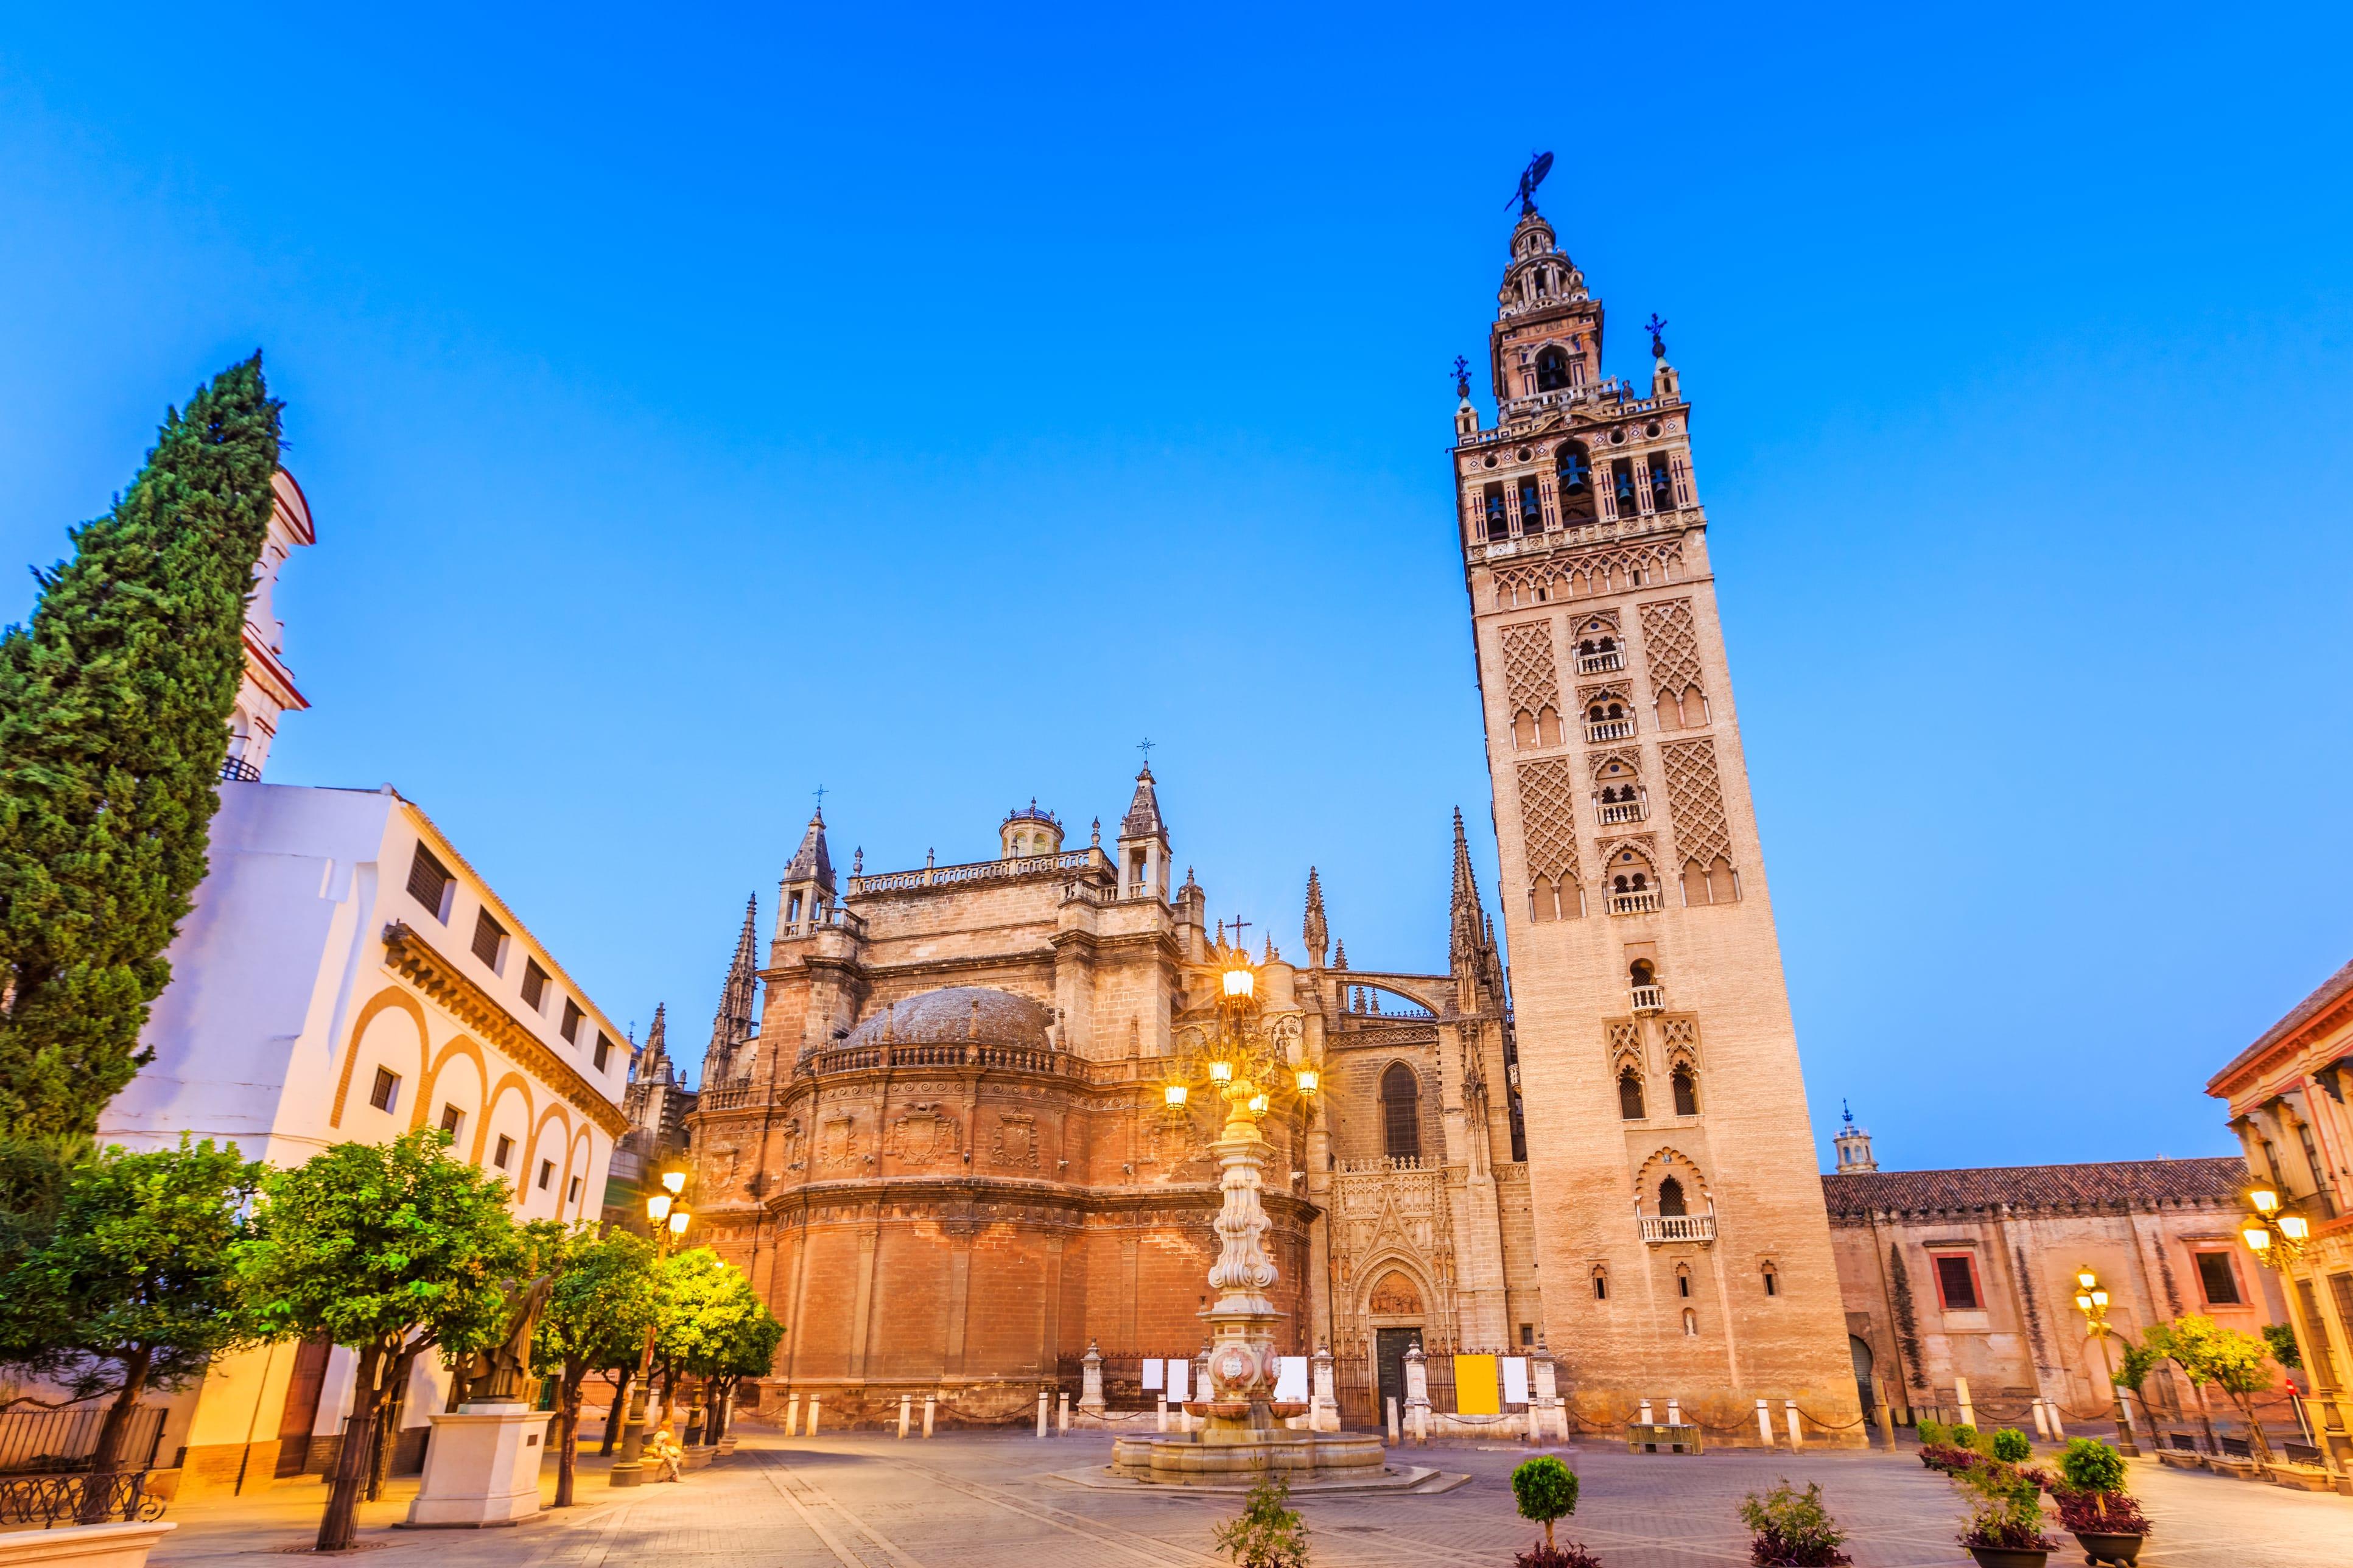 kathedraal in sevilla spanje